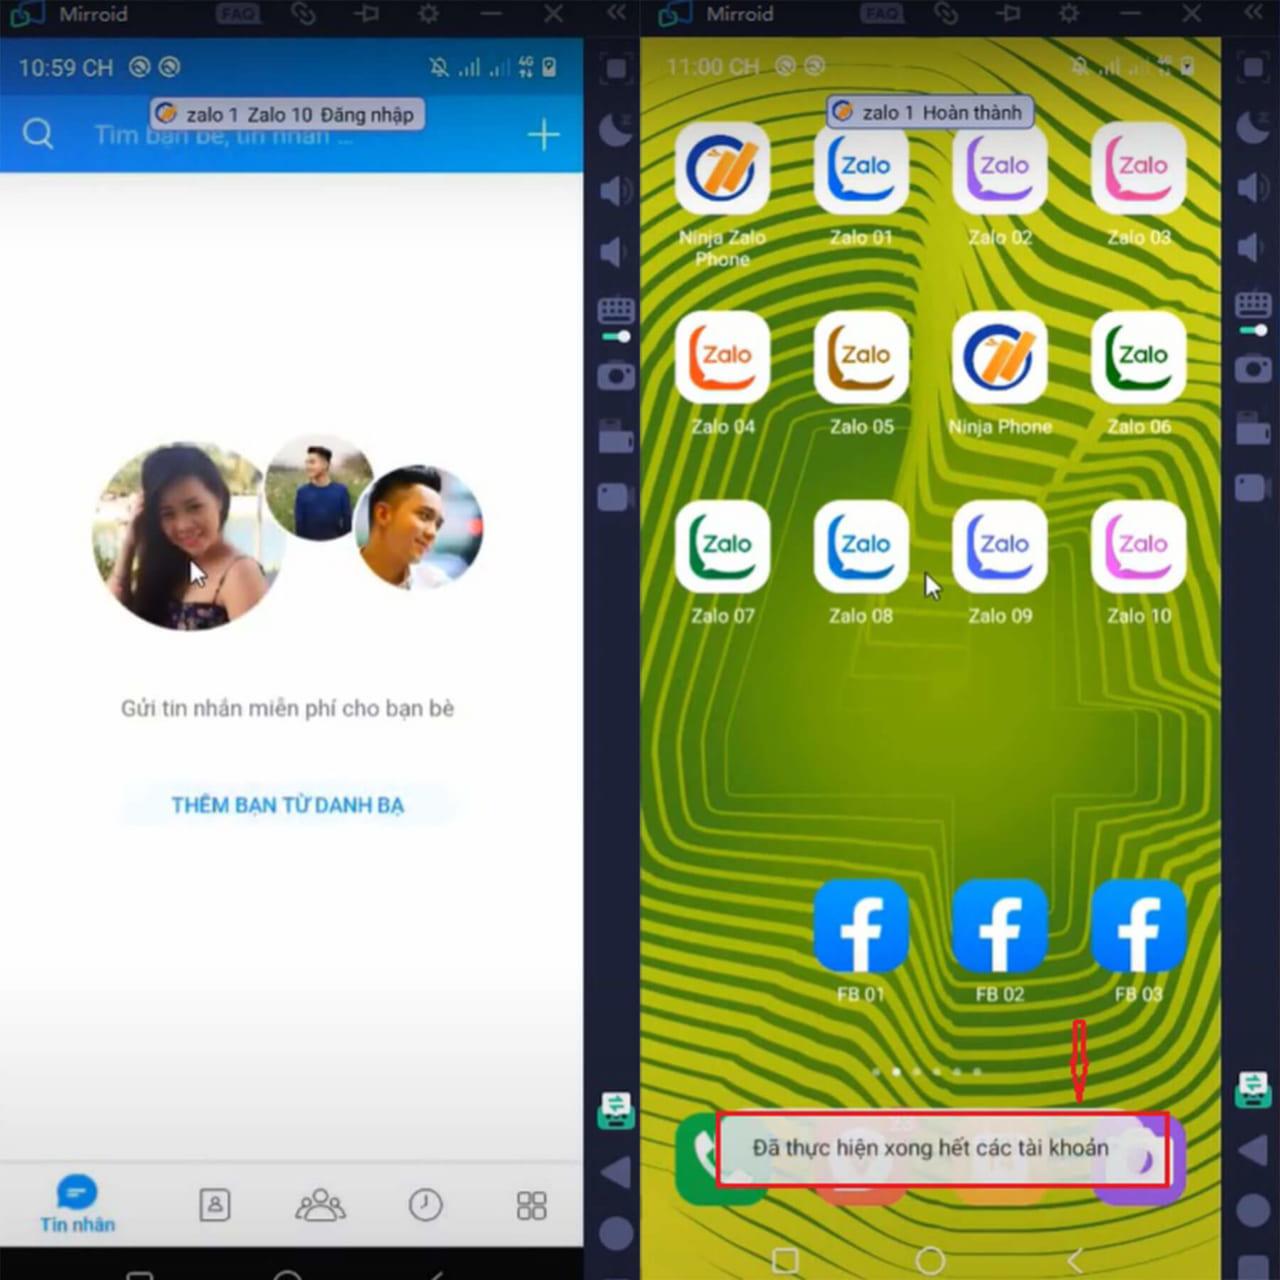 công cụ nuôi nick zalo điện thoại5.1jpg 1 Hướng dẫn đăng nhập tài khoản trên công cụ nuôi nick zalo điện thoại